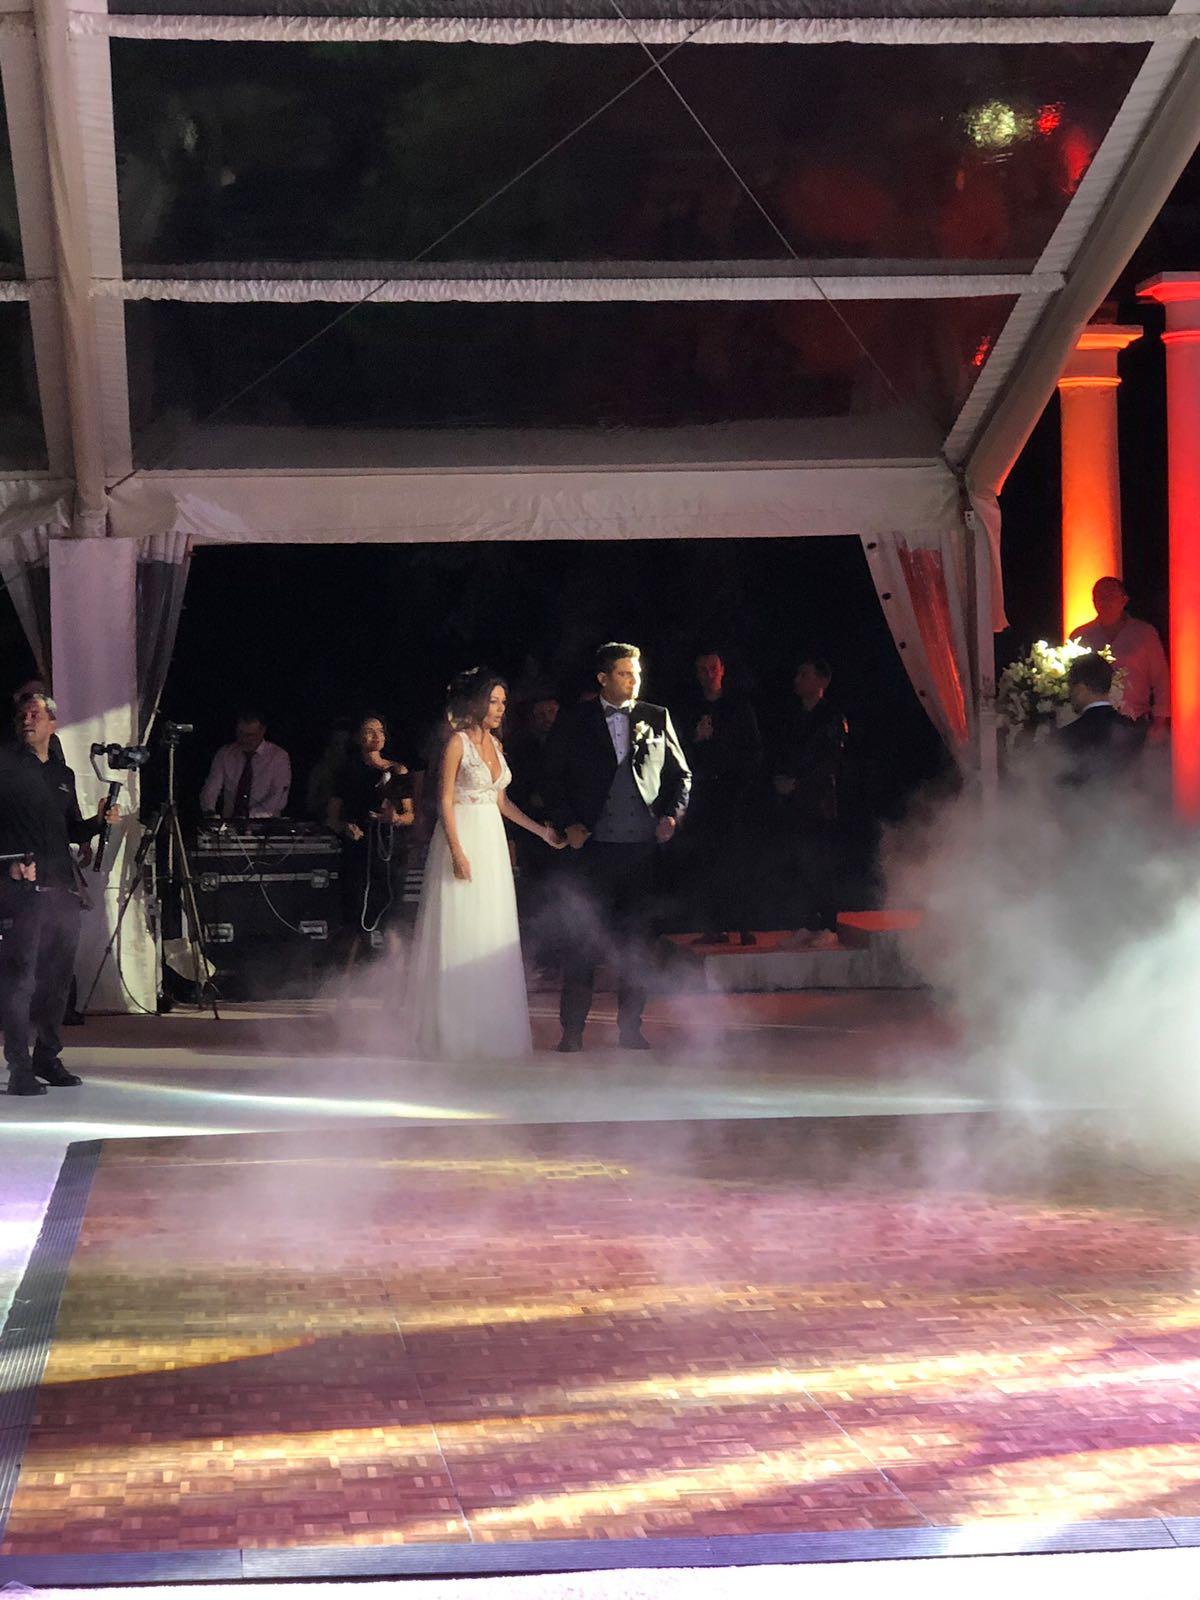 Nunta fiului lui Dragnea, în imagini. Cum au sărbătorit Valentin și Gina. FOTO